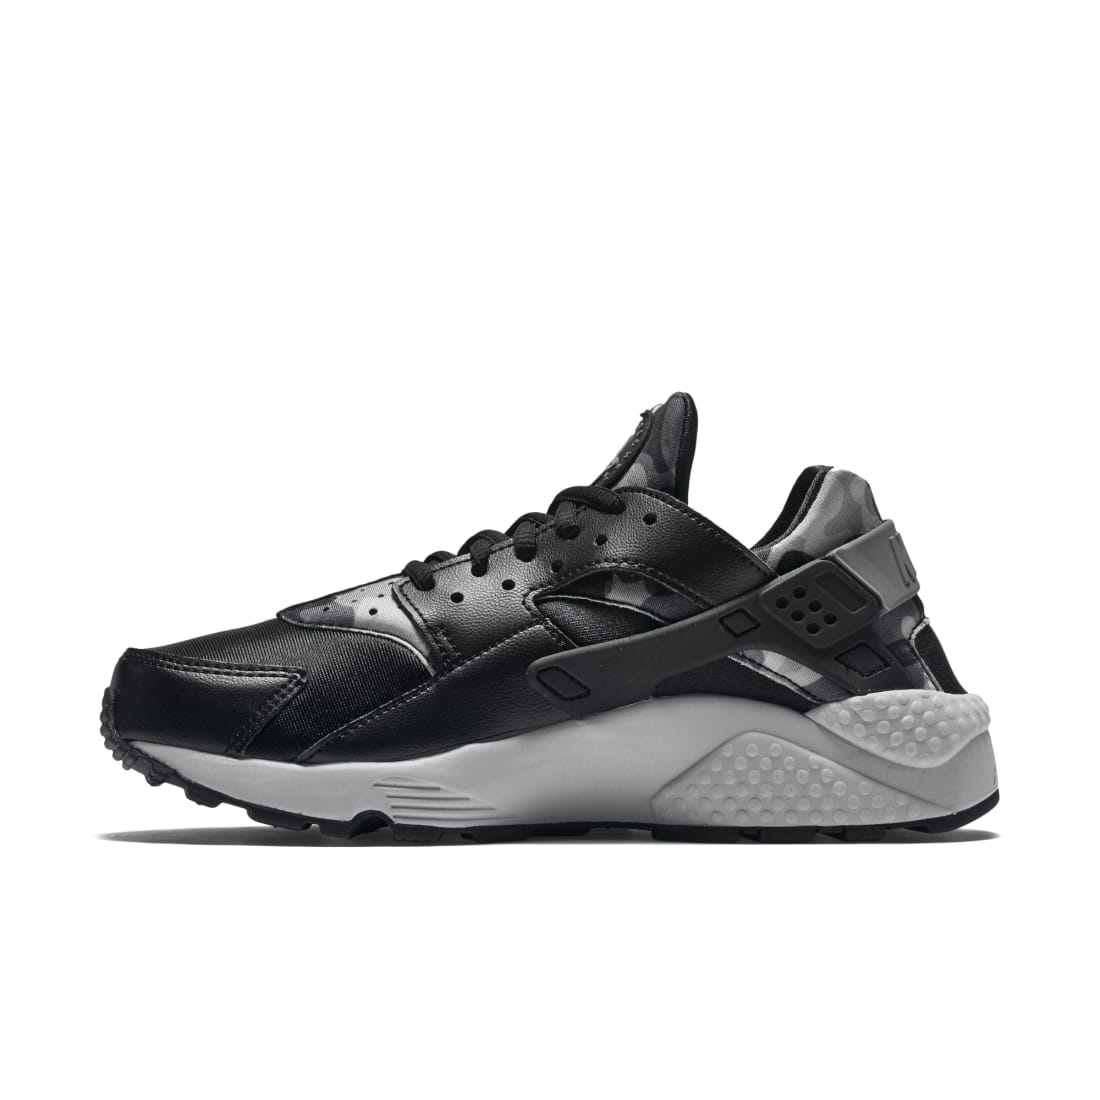 Nike Air Huarache Run Print Shoes